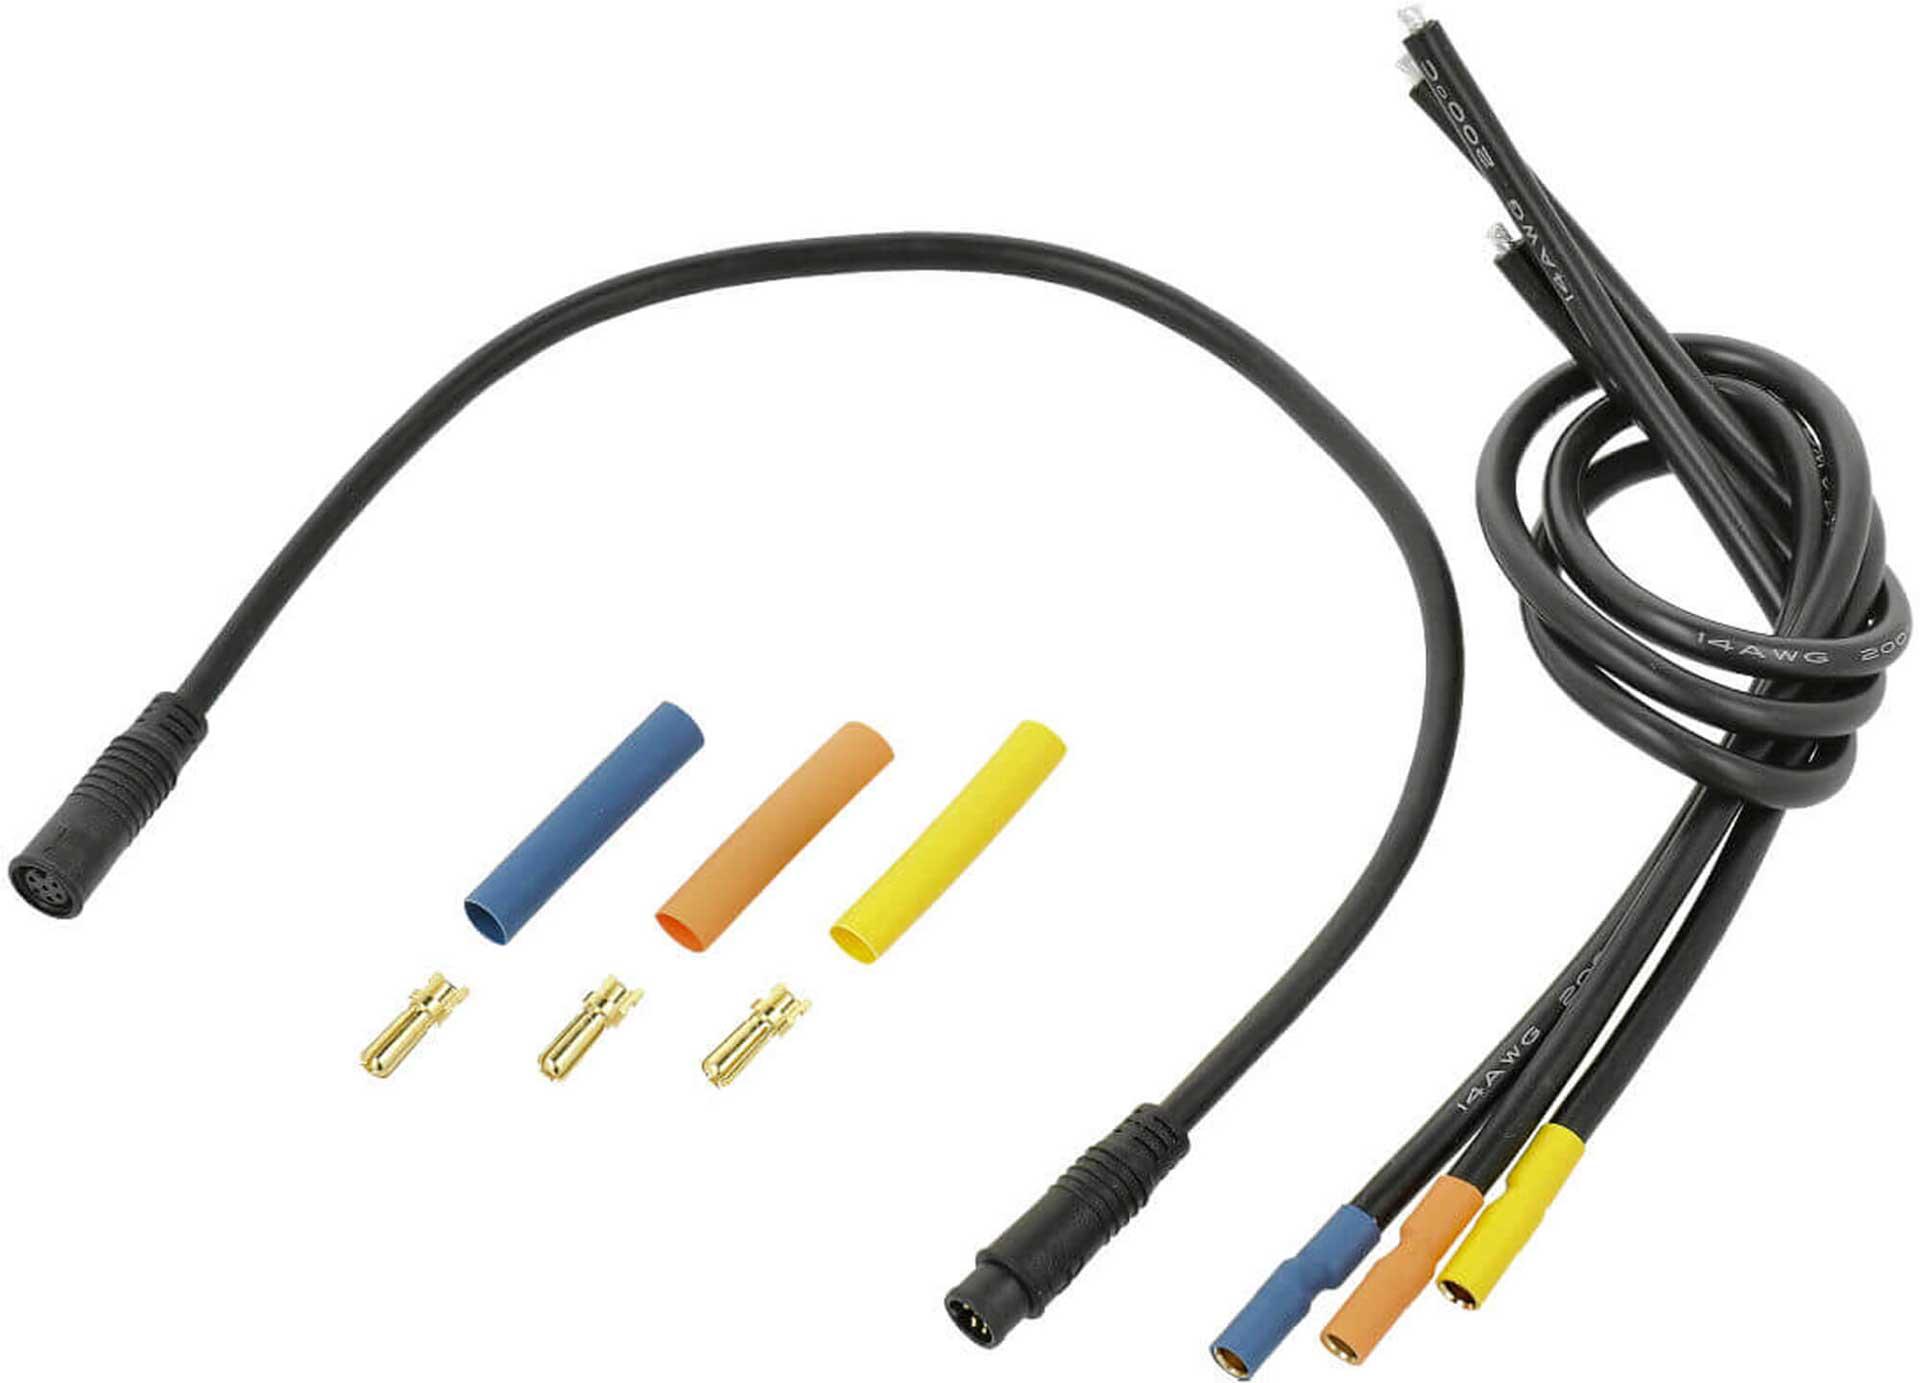 HOBBYWING AXE Sensorkabel Verlängerung 300mm